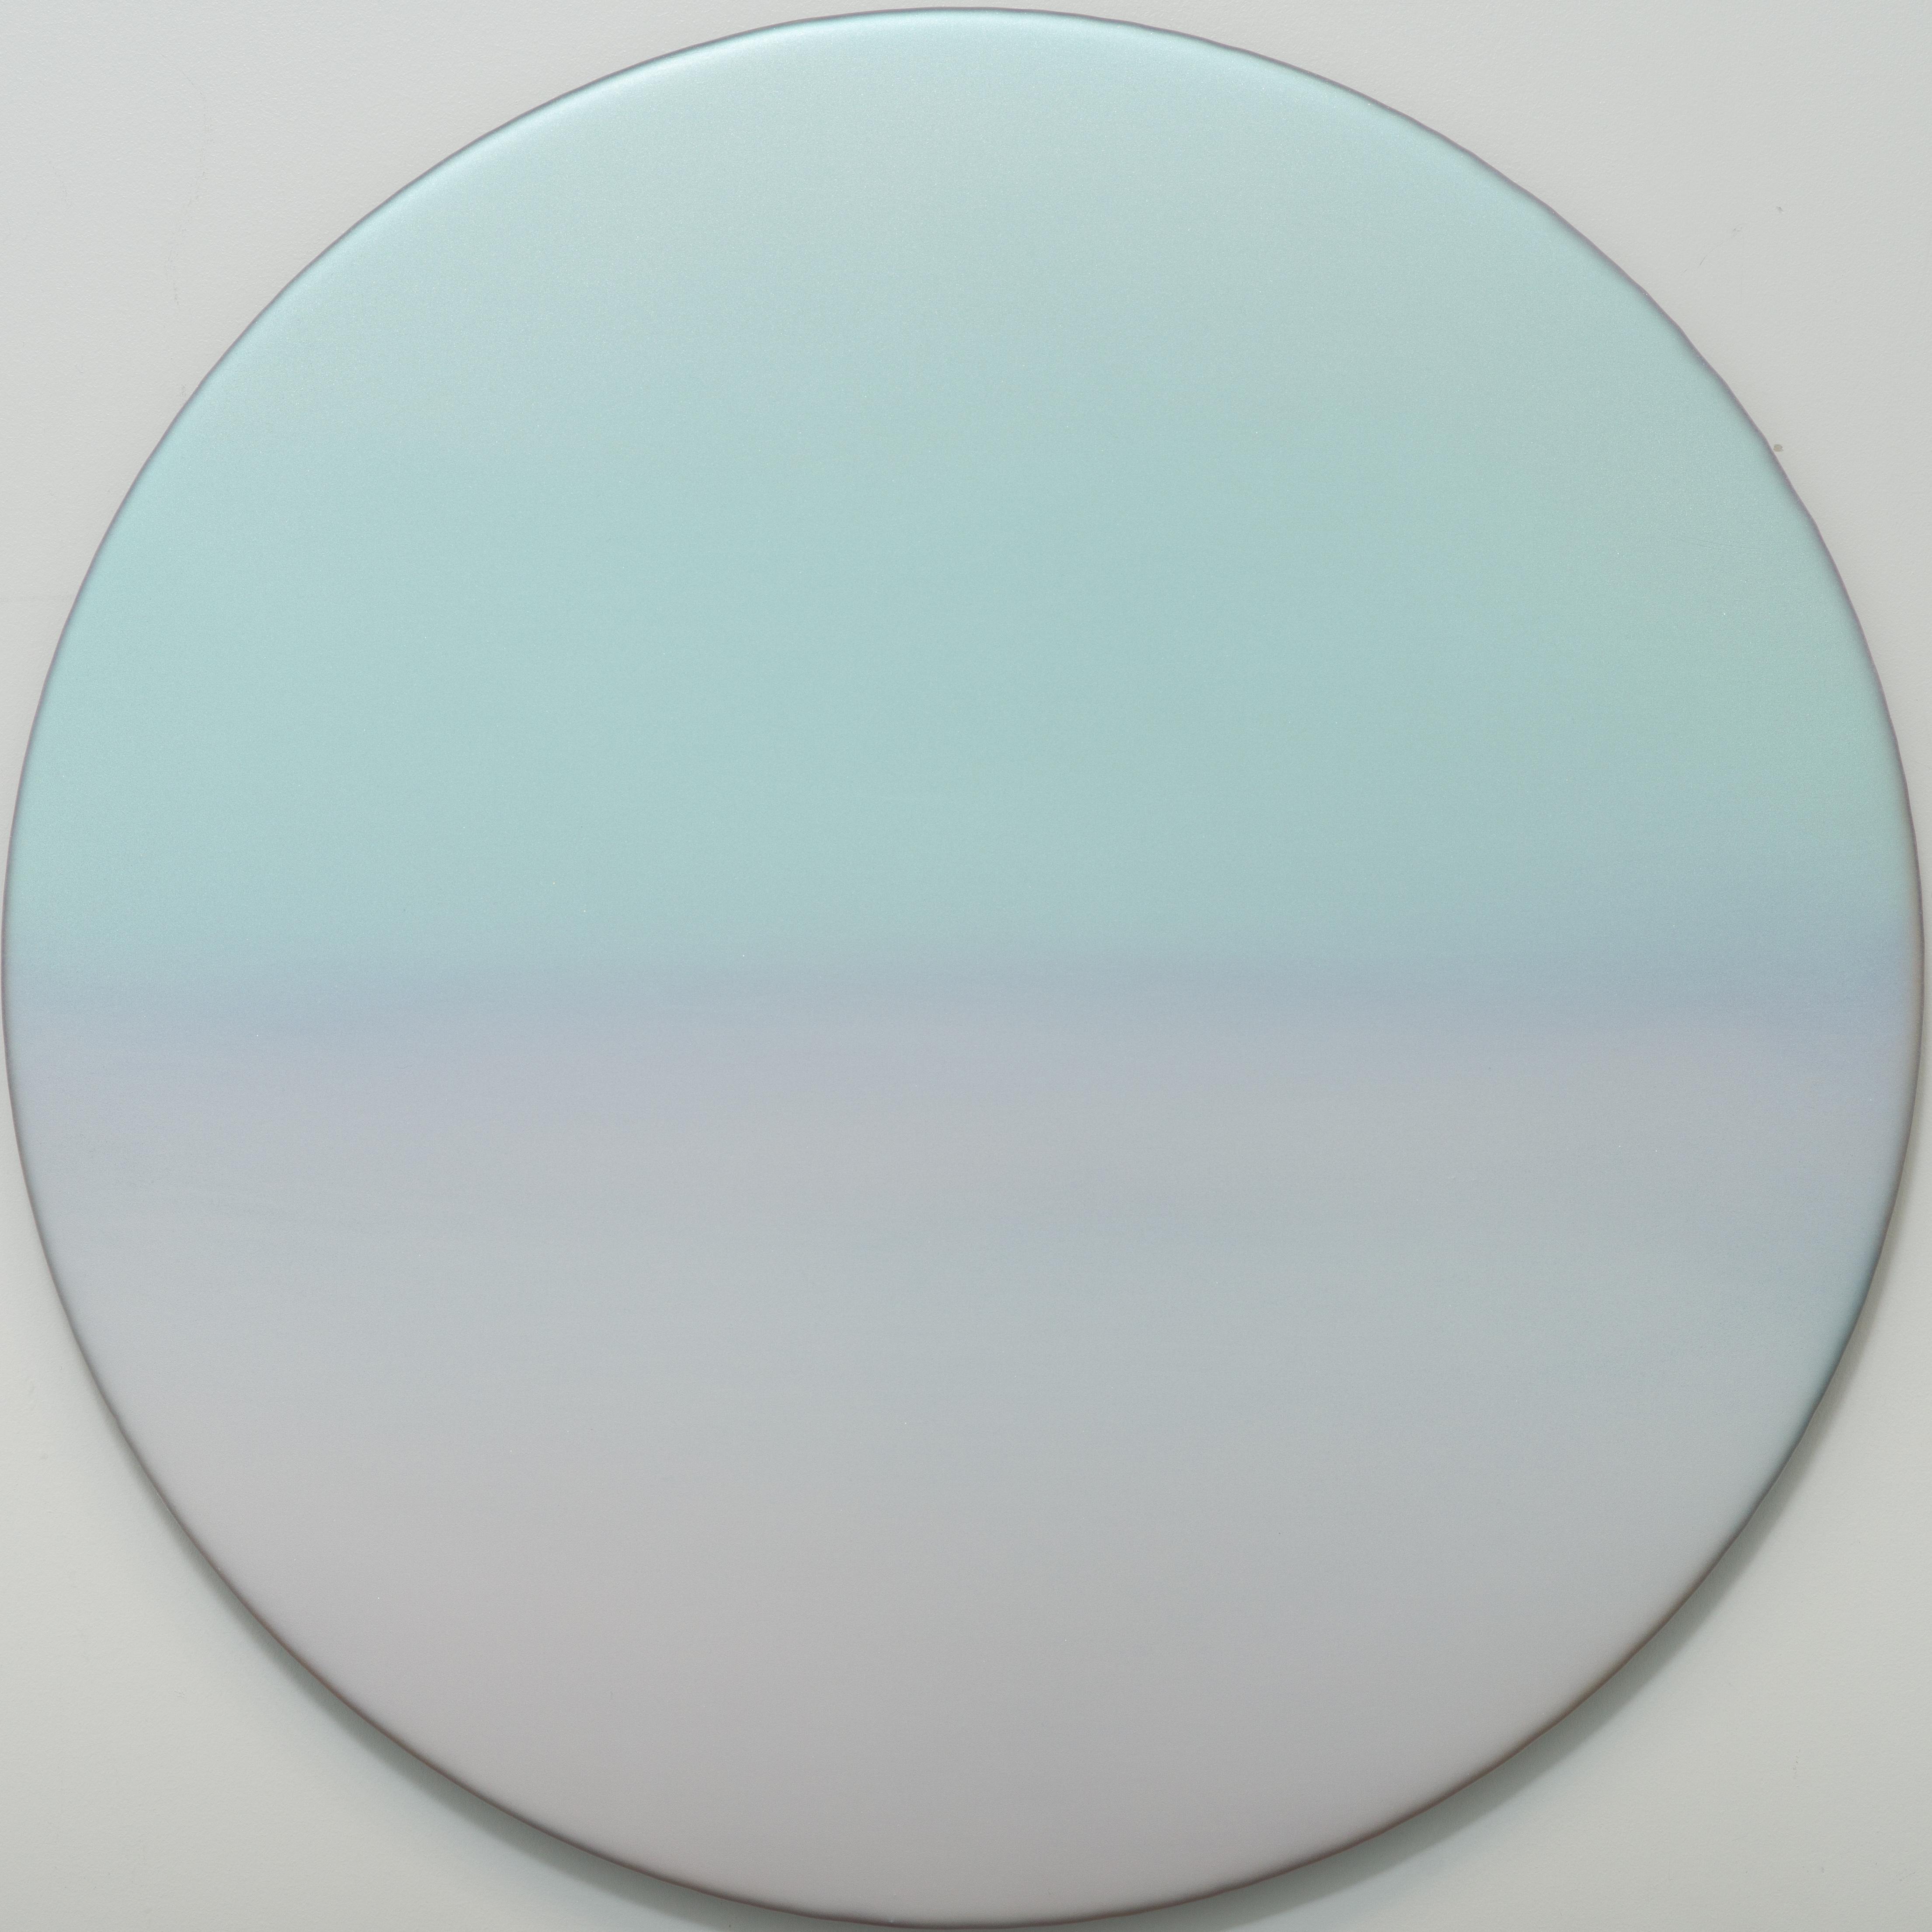 Aqua Lavender Shift Moon 2.20.2.1.M.1.2.3.G.3